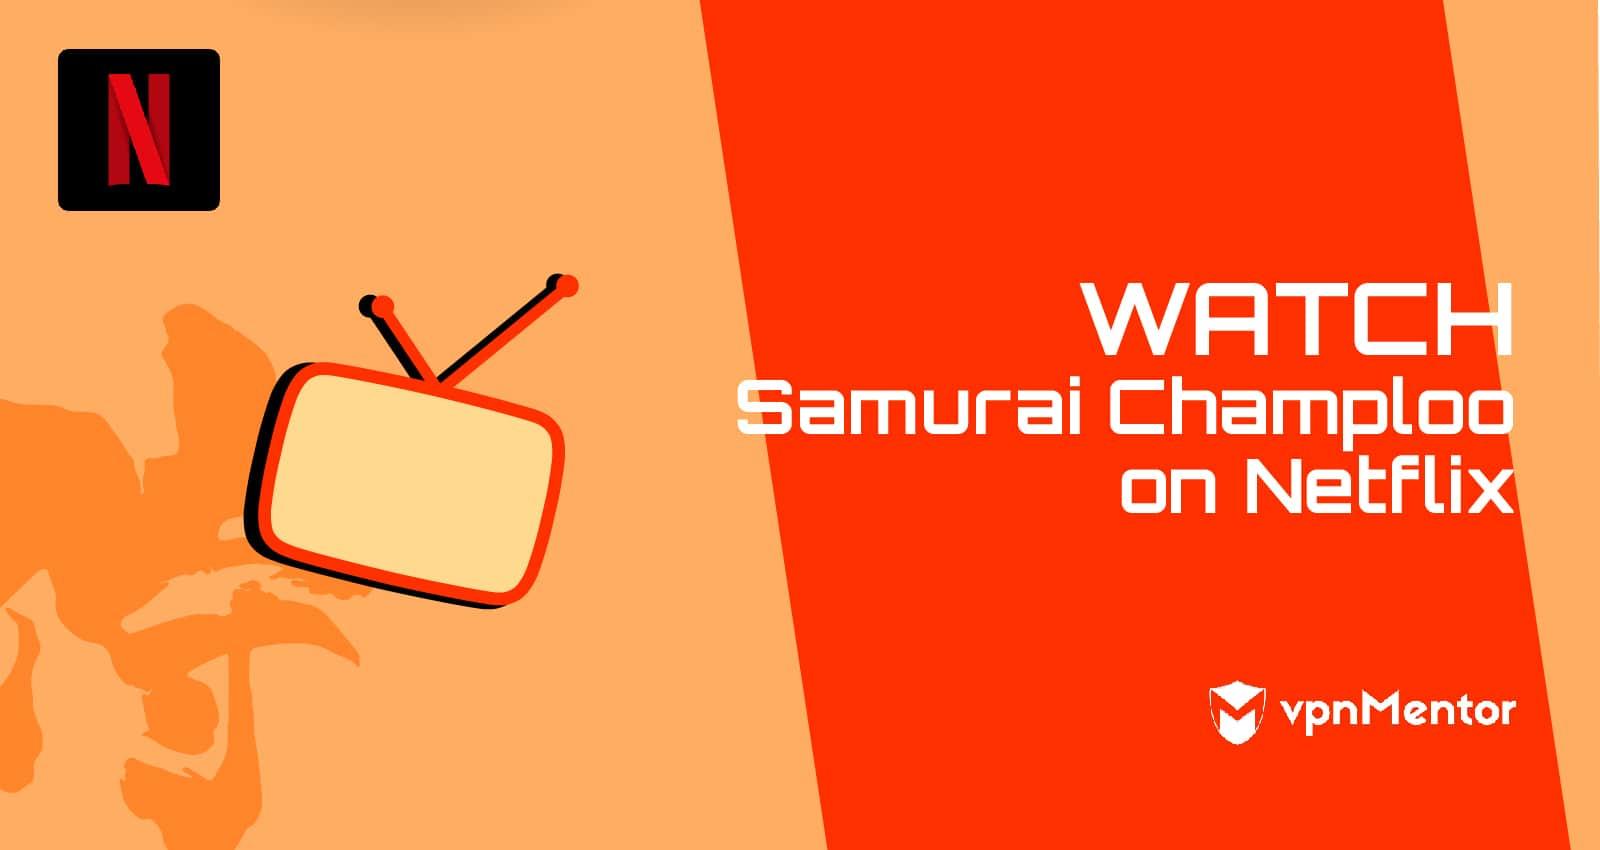 Watch Samurai Champloo on Netflix